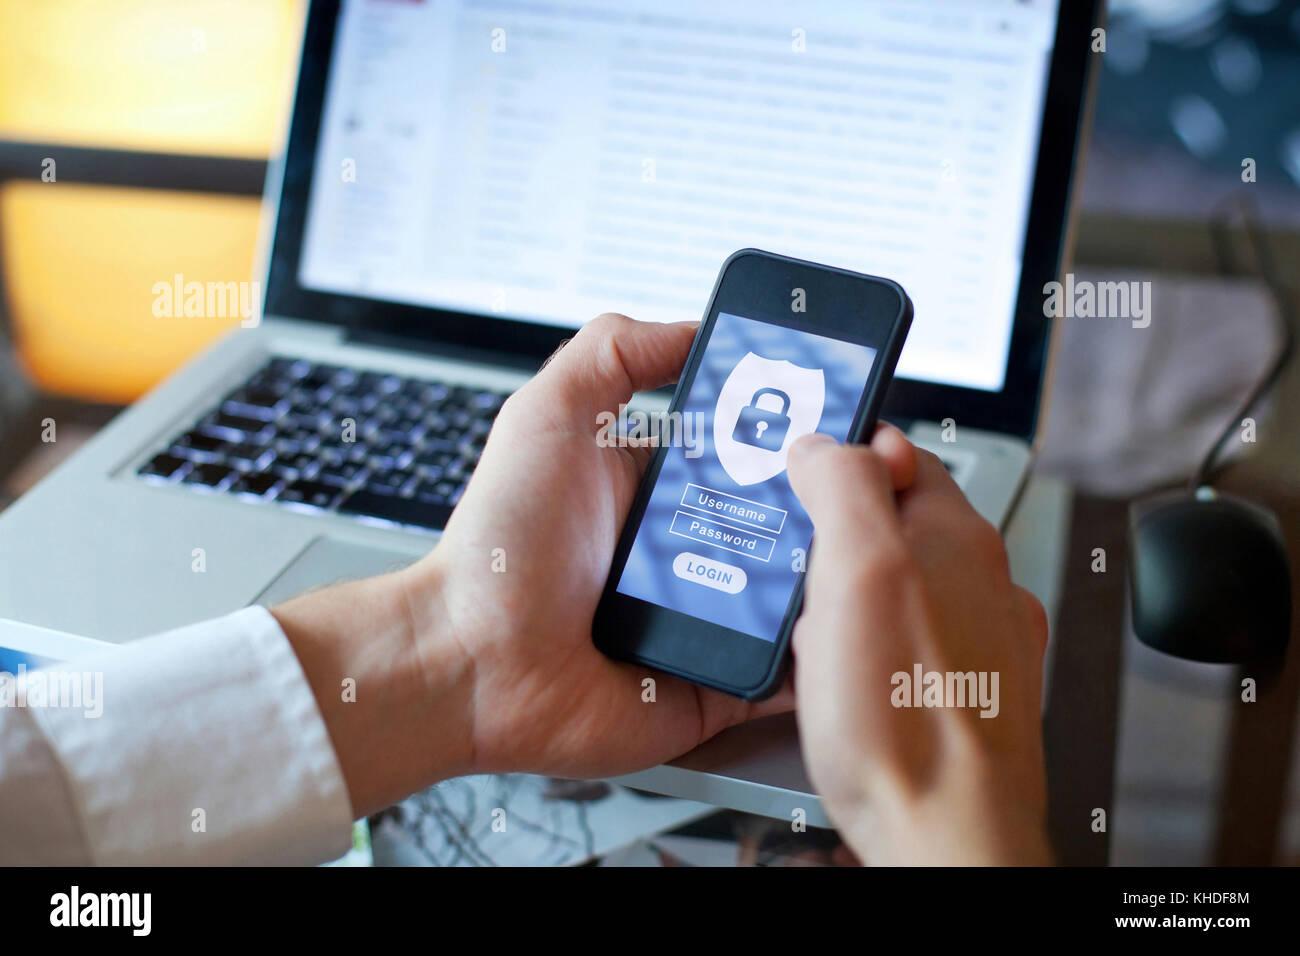 Concept de sécurité des données, application mobile, d'accès et mot de passe de connexion Photo Stock